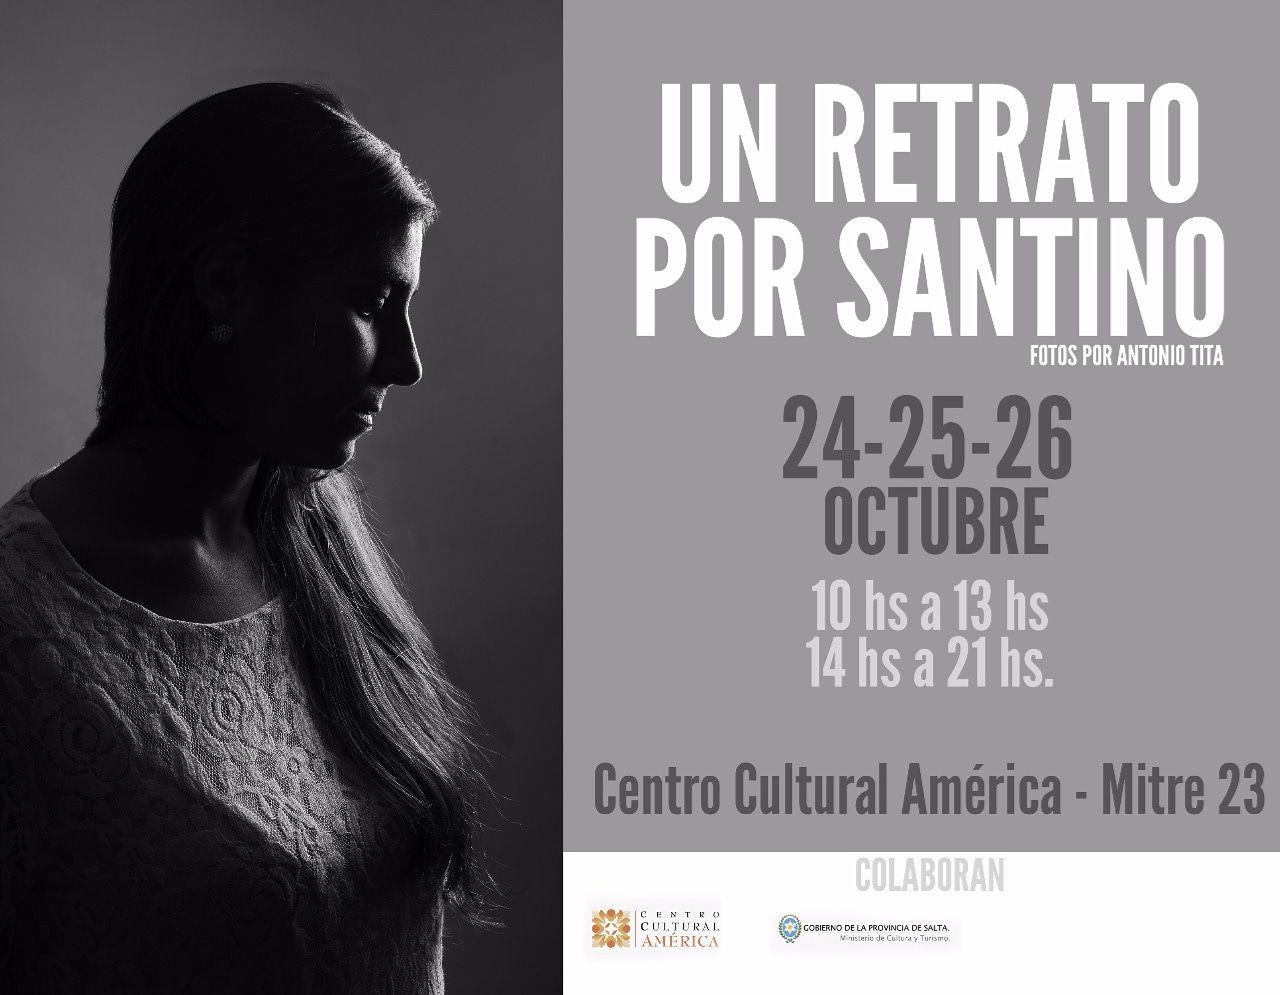 El fotógrafo Antonio Tita realizará sesiónes de fotos a beneficio de Santino